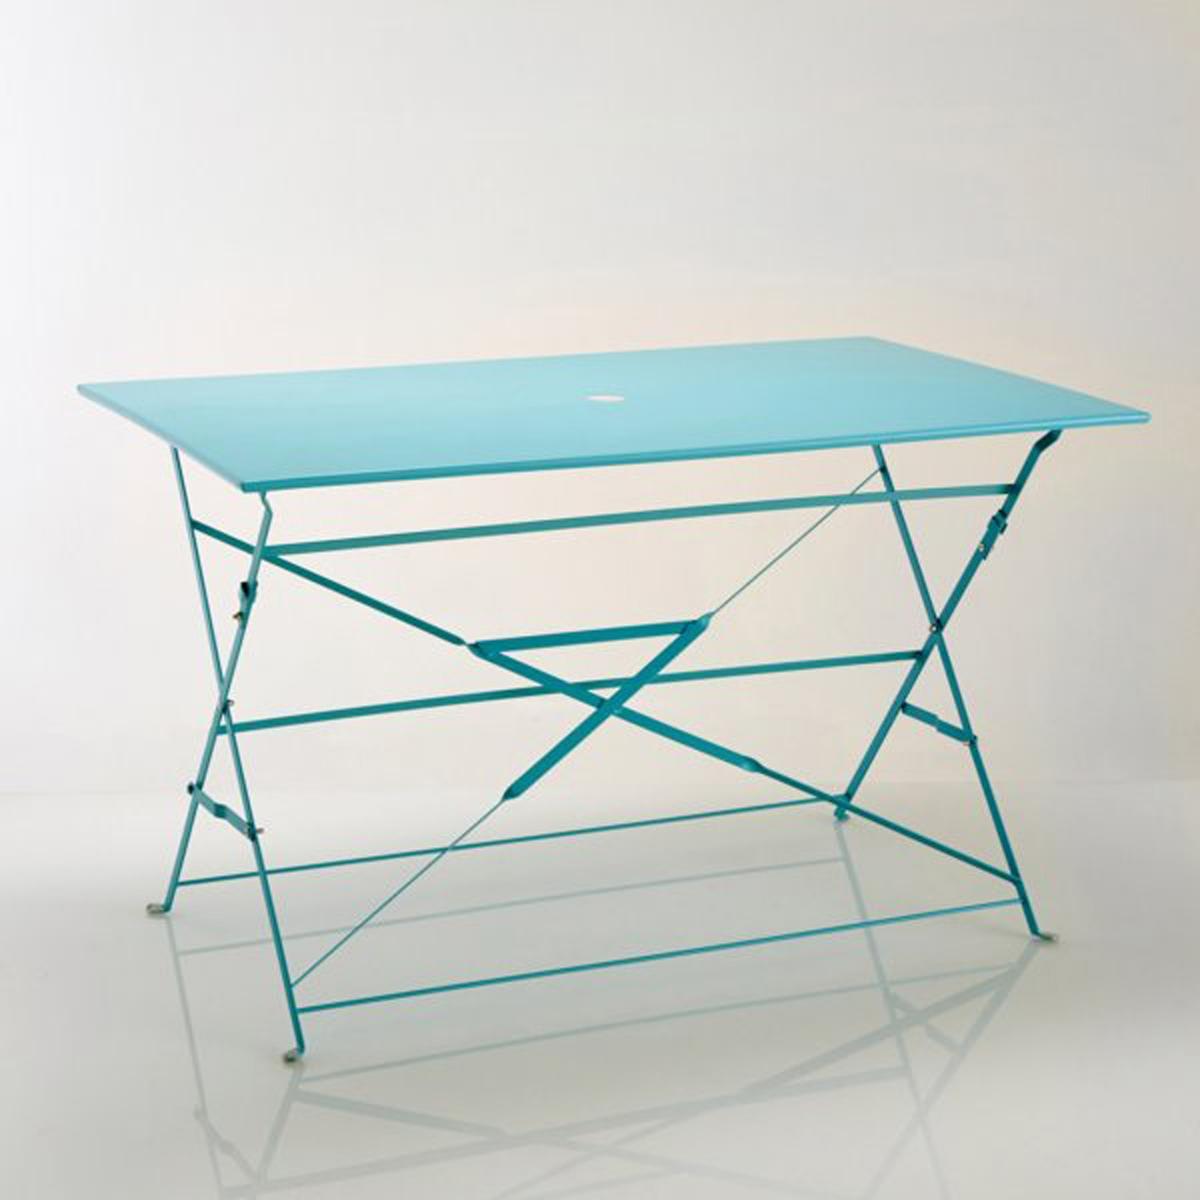 Стол прямоугольный складной из металлаСовременный и практичный складной прямоугольный стол, имеется различных расцеток. Идея для декора : минимум места для хранения и максимум стиля: разместите рядом два стола разного цвета. Характеристики стола из металла :Метал с ярким лакированным покрытием*.- Финальная отделка эпоксидным лаком.Центральное отверстие для зонта ?5 см.Стол продается готовым к сборке.Размеры стола из металла:Ширина: 120 смВысота: 70 смГлубина: 70 смТолщина в сложенном виде: 5 см.*Металл с антикоррозийной обработкой и покрытием эпоксидной эмалью делает этот столик  удобным  в использовании и устойчивым к ржавчине и неблагоприятным погодным условиям. Легкий, просто перемещать и хранить.Доставка:Стол продается готовым к сборке. Доставка на дом с возможностью подъёма на этаж!Внимание! Убедитесь, что товар возможно доставить на дом, учитывая его габариты (проходит в двери, по лестницам, в лифты).<br><br>Цвет: белый,бирюзовый